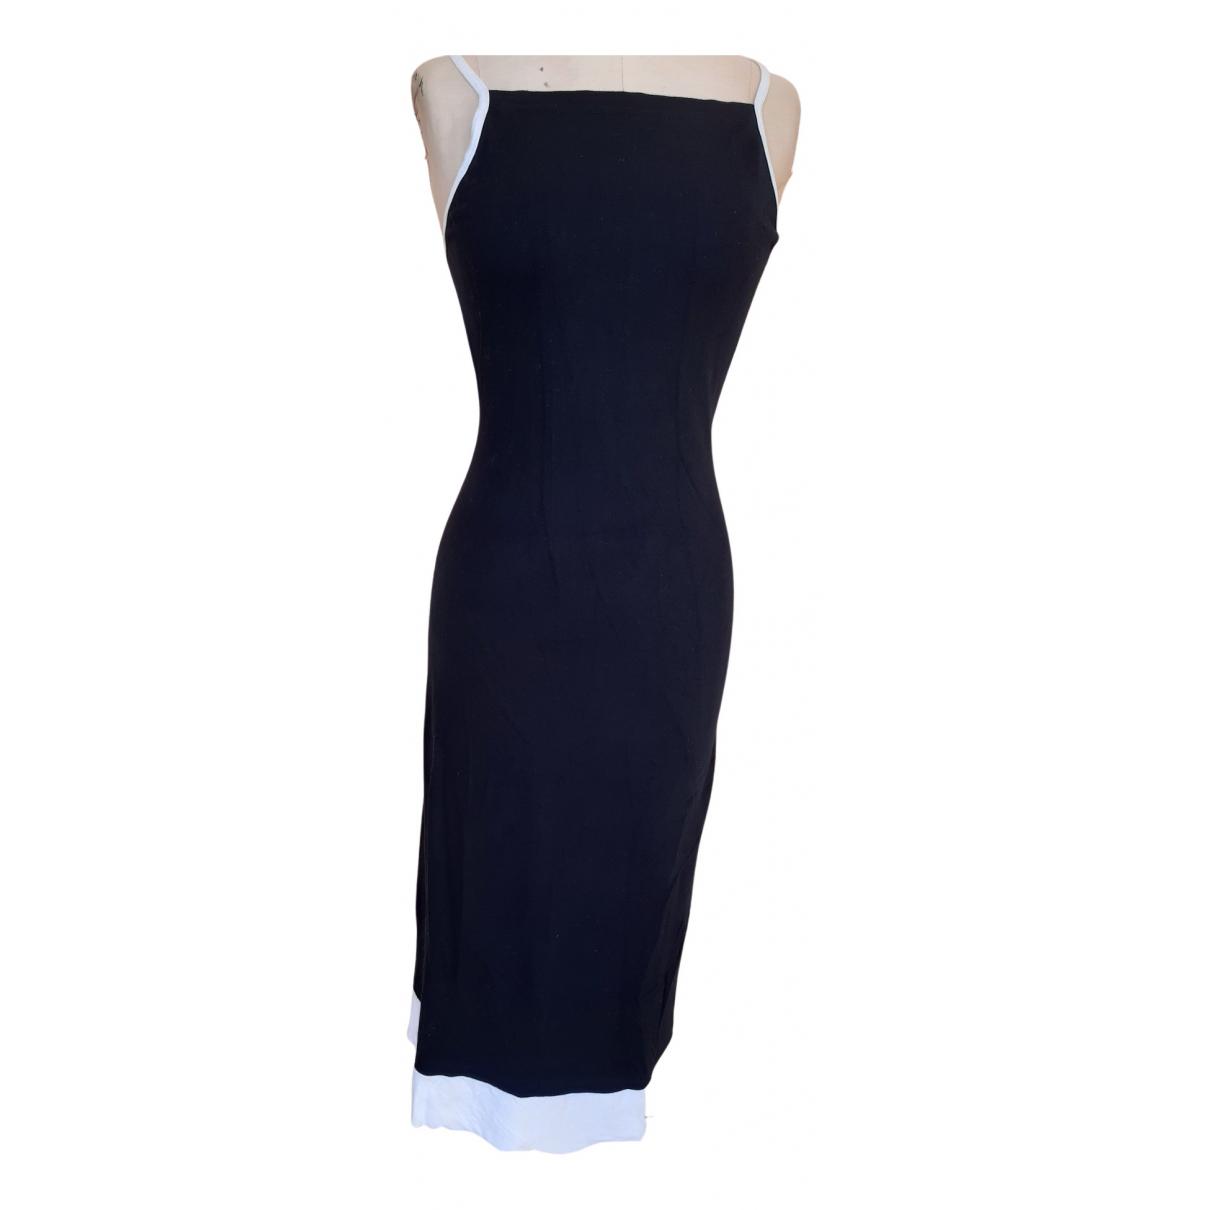 Diesel - Robe   pour femme en coton - elasthane - noir